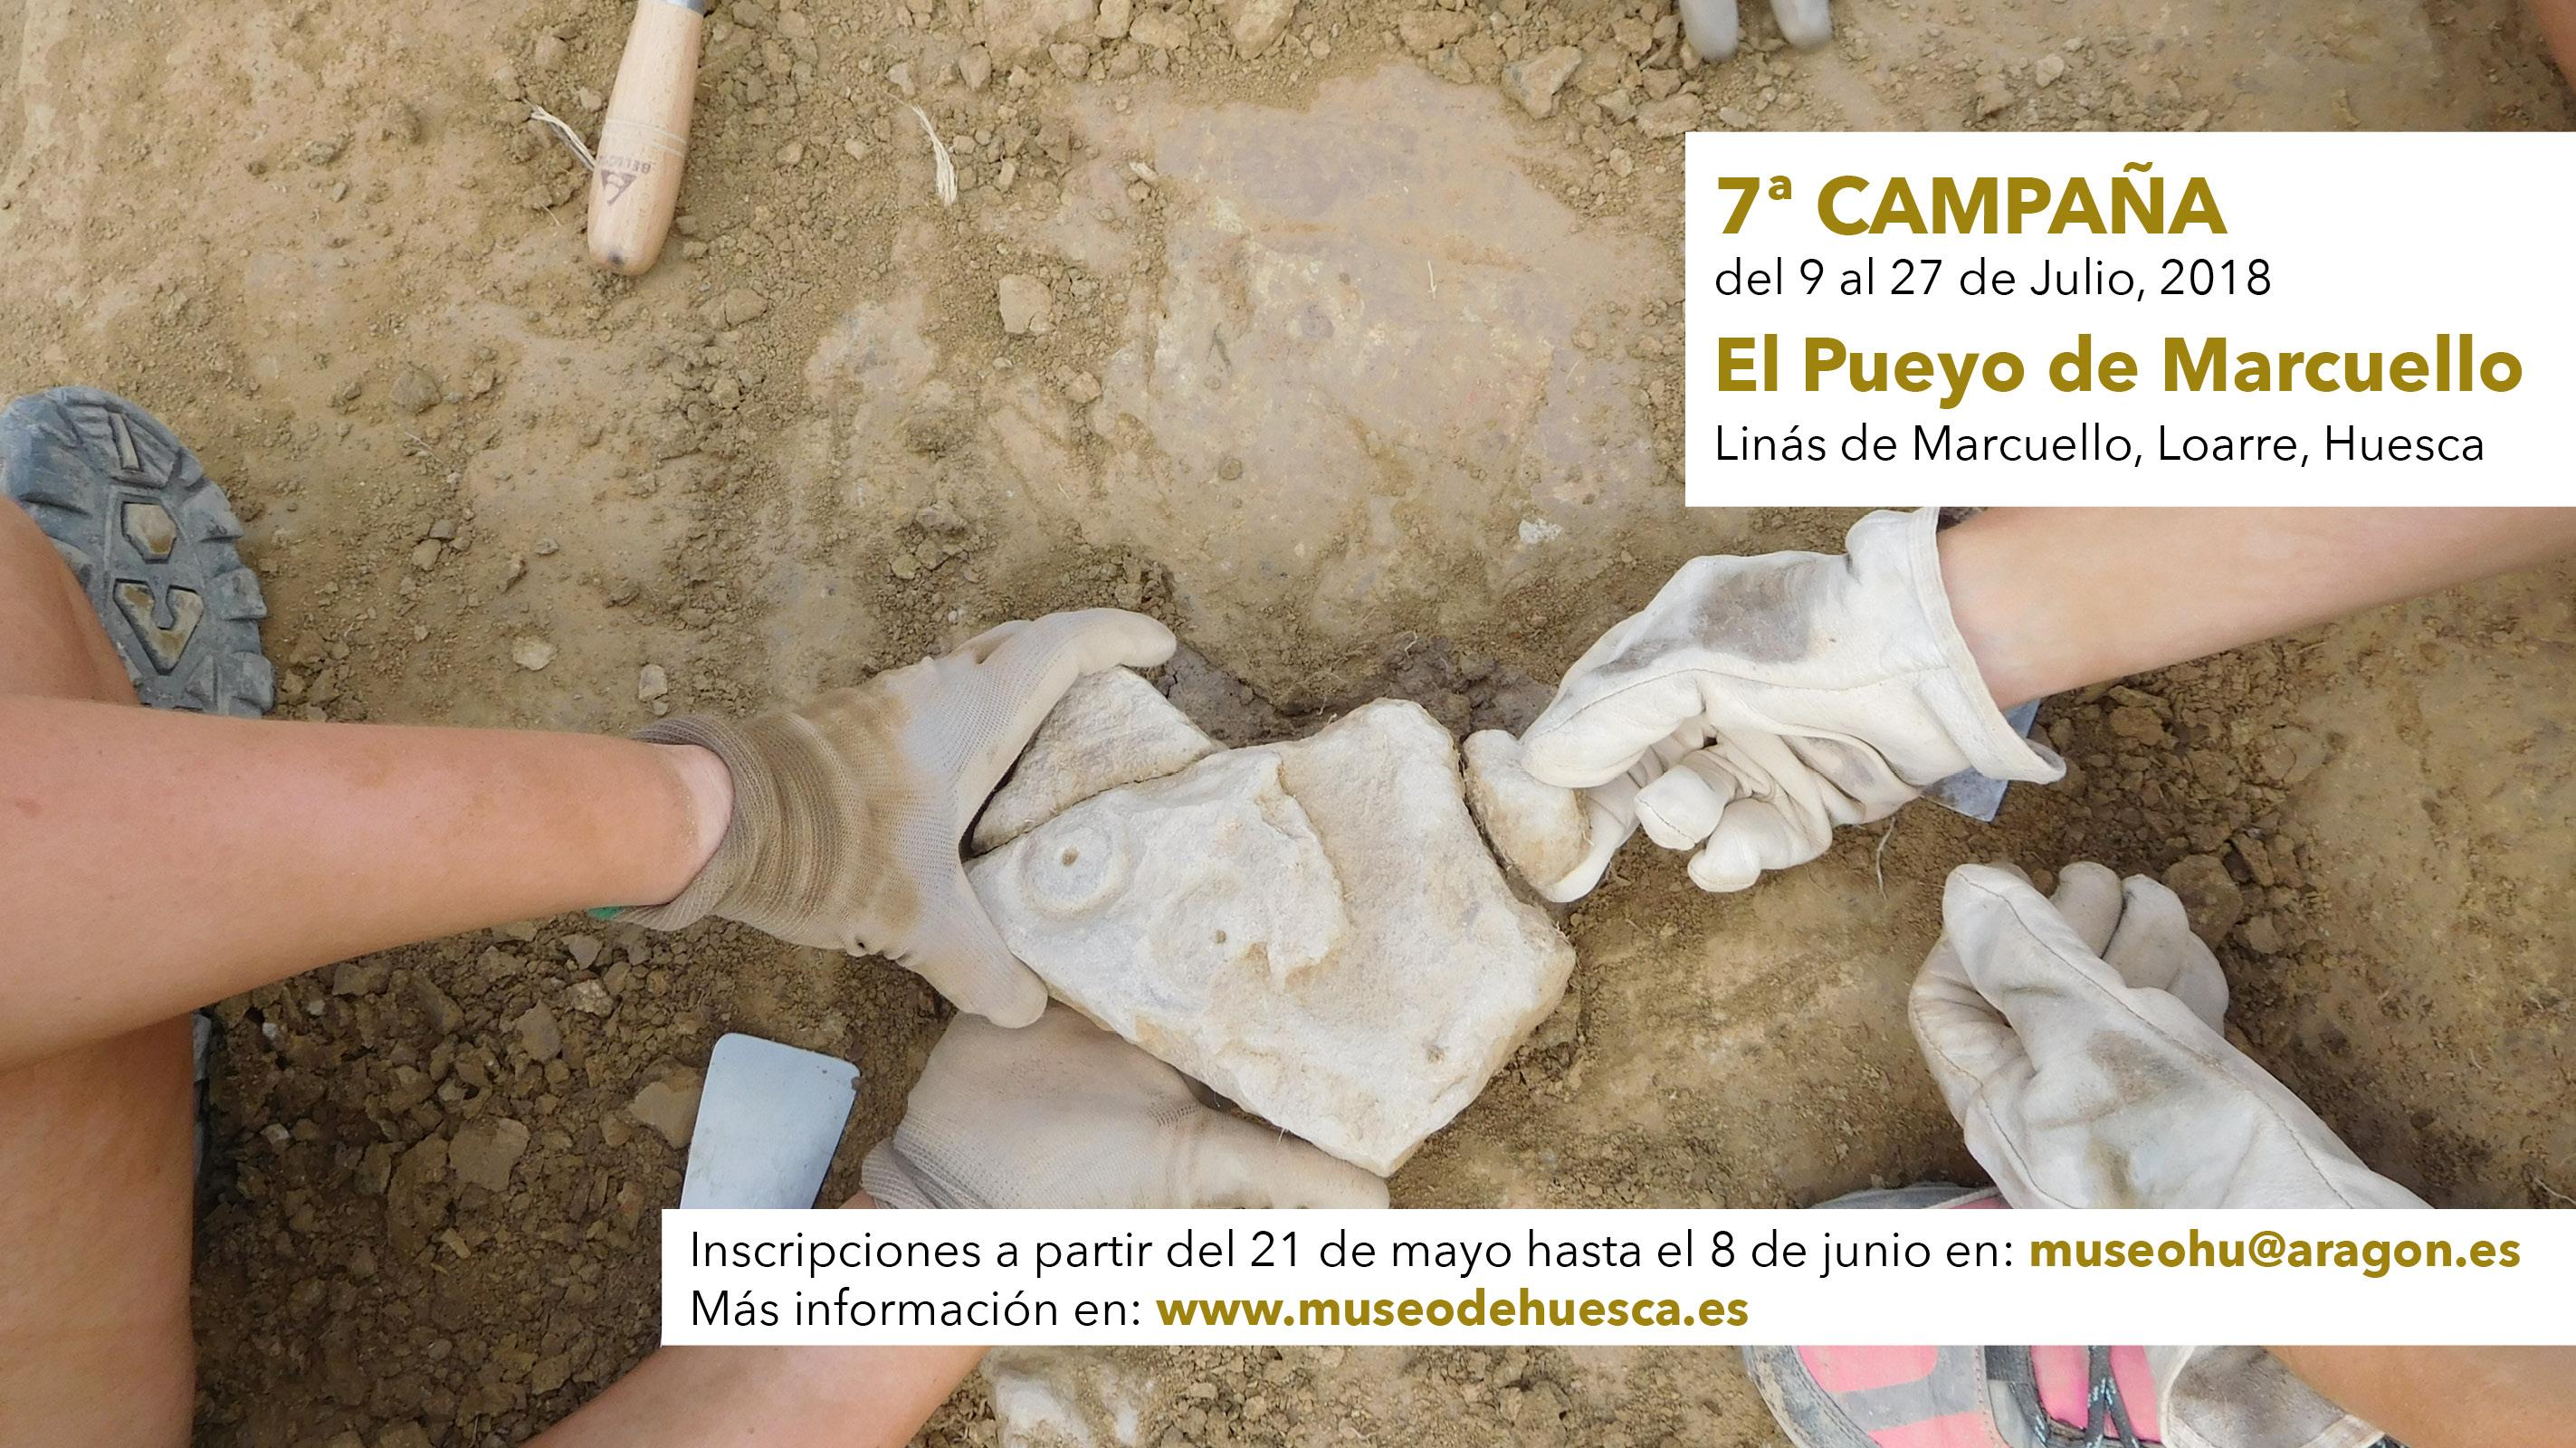 7ª Campaña: Excavaciones arqueológicas en el yacimiento de la Edad del Hierro de Marcuello